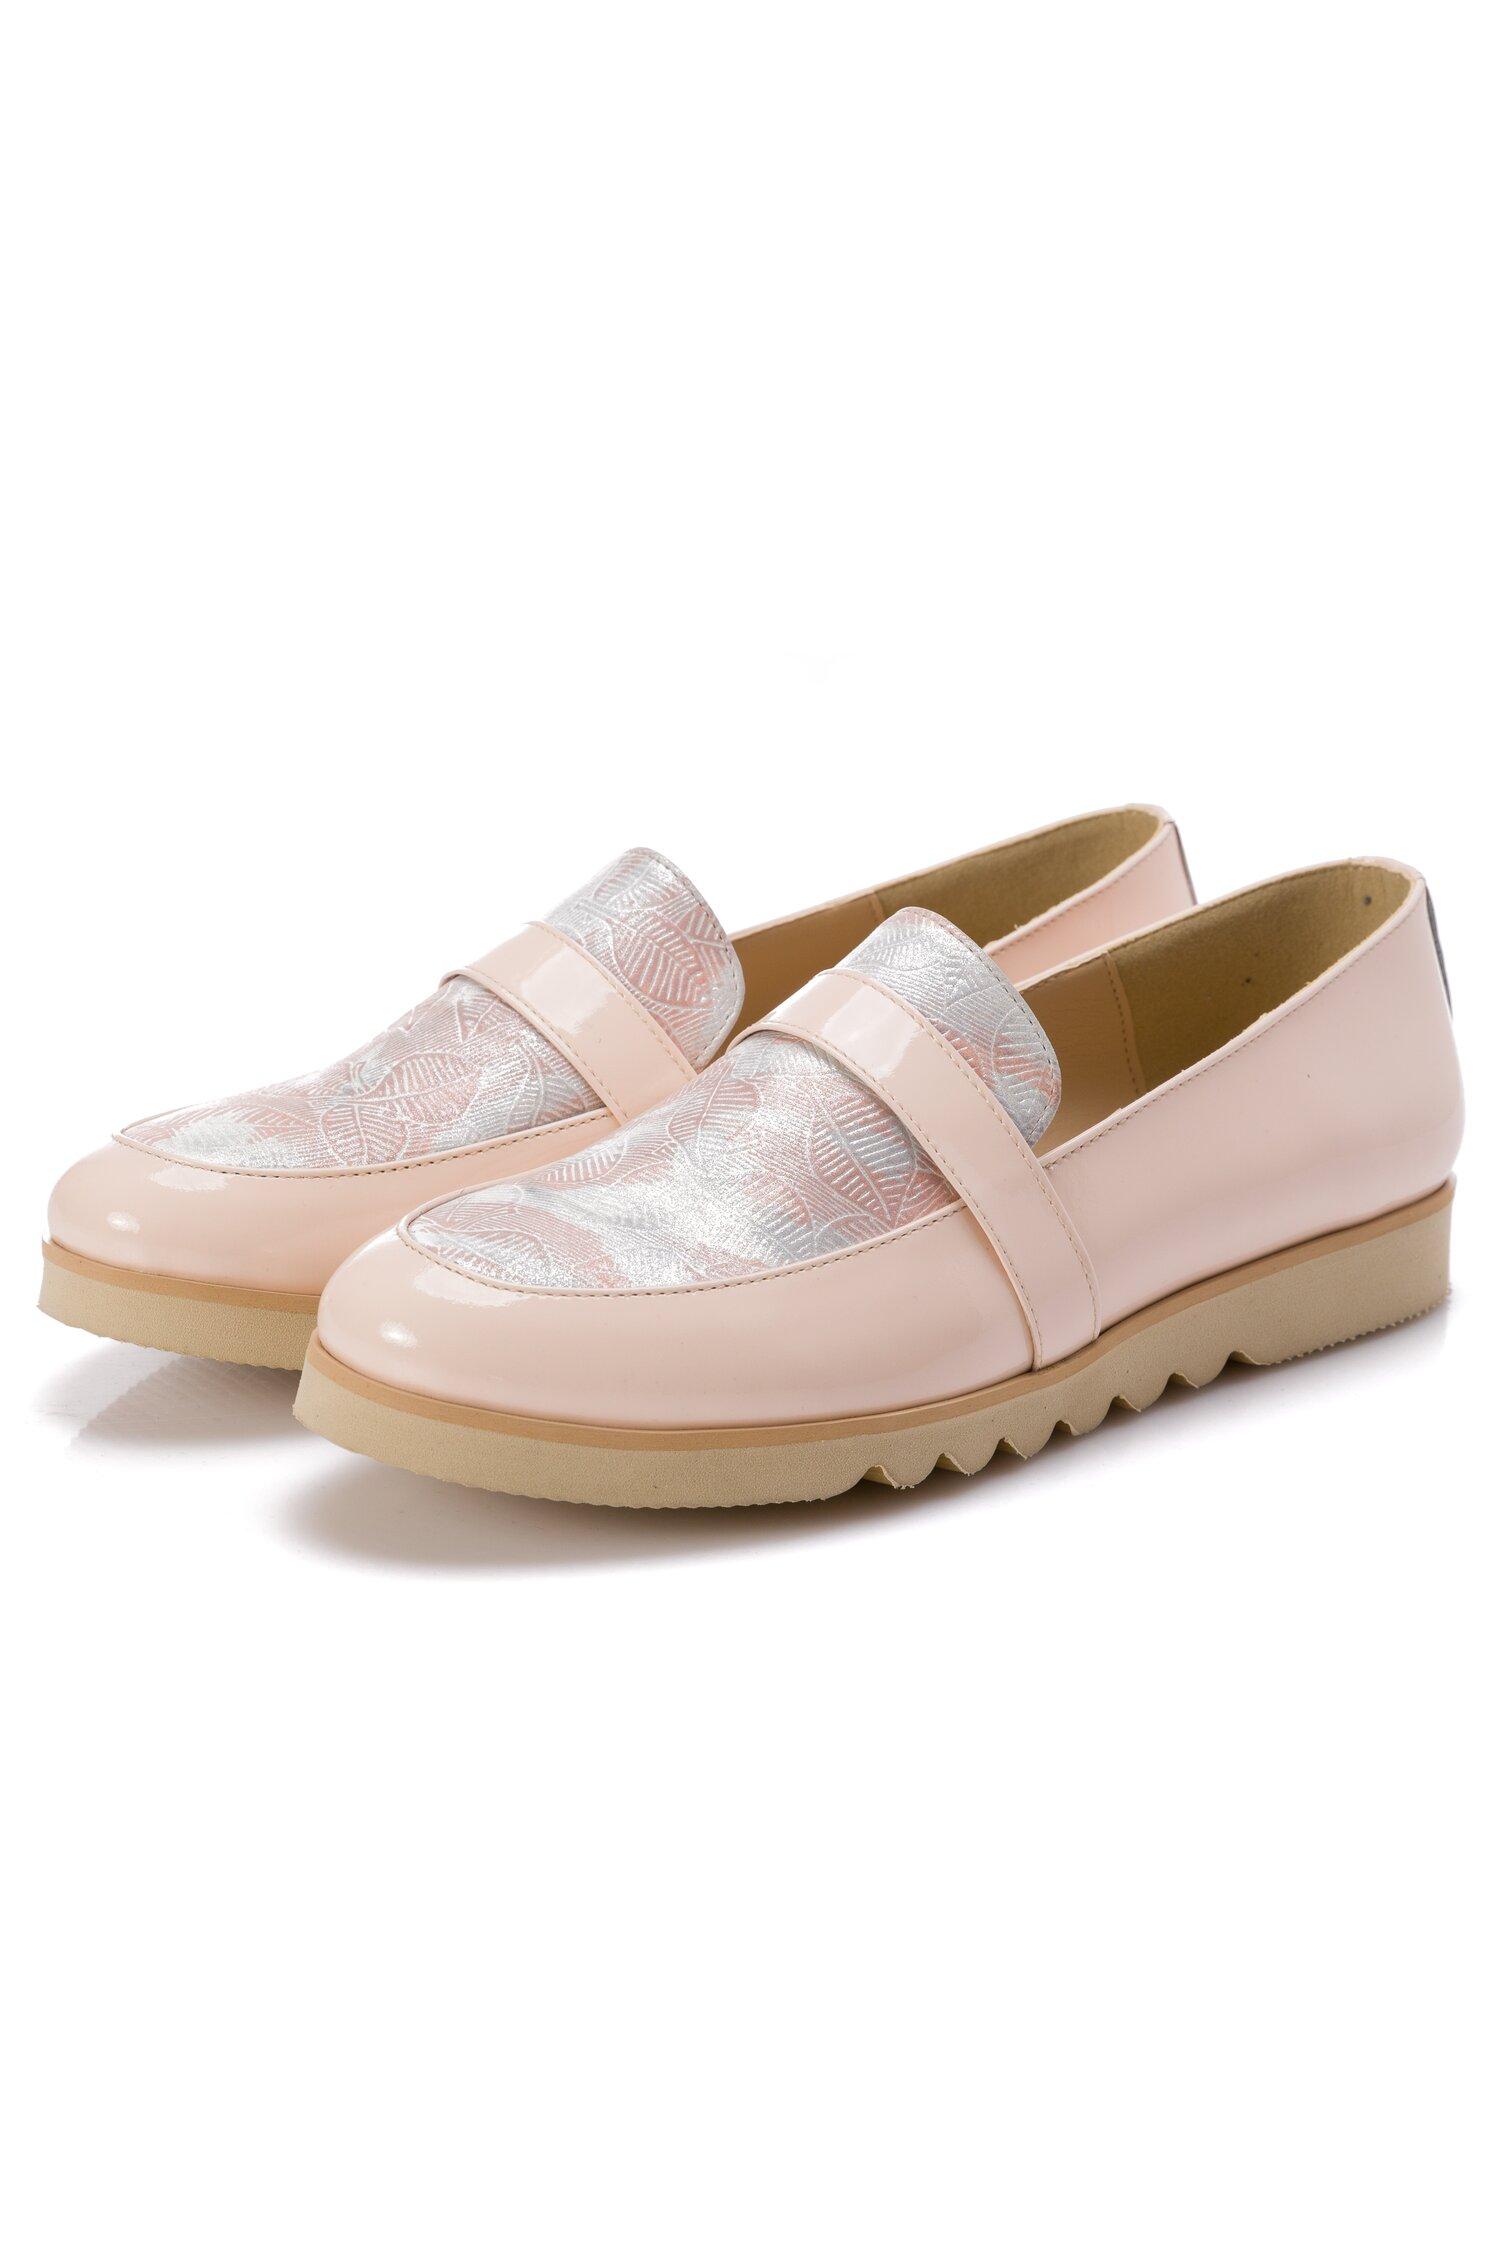 Pantofi josi nude din piele lacuita si banda decorativa